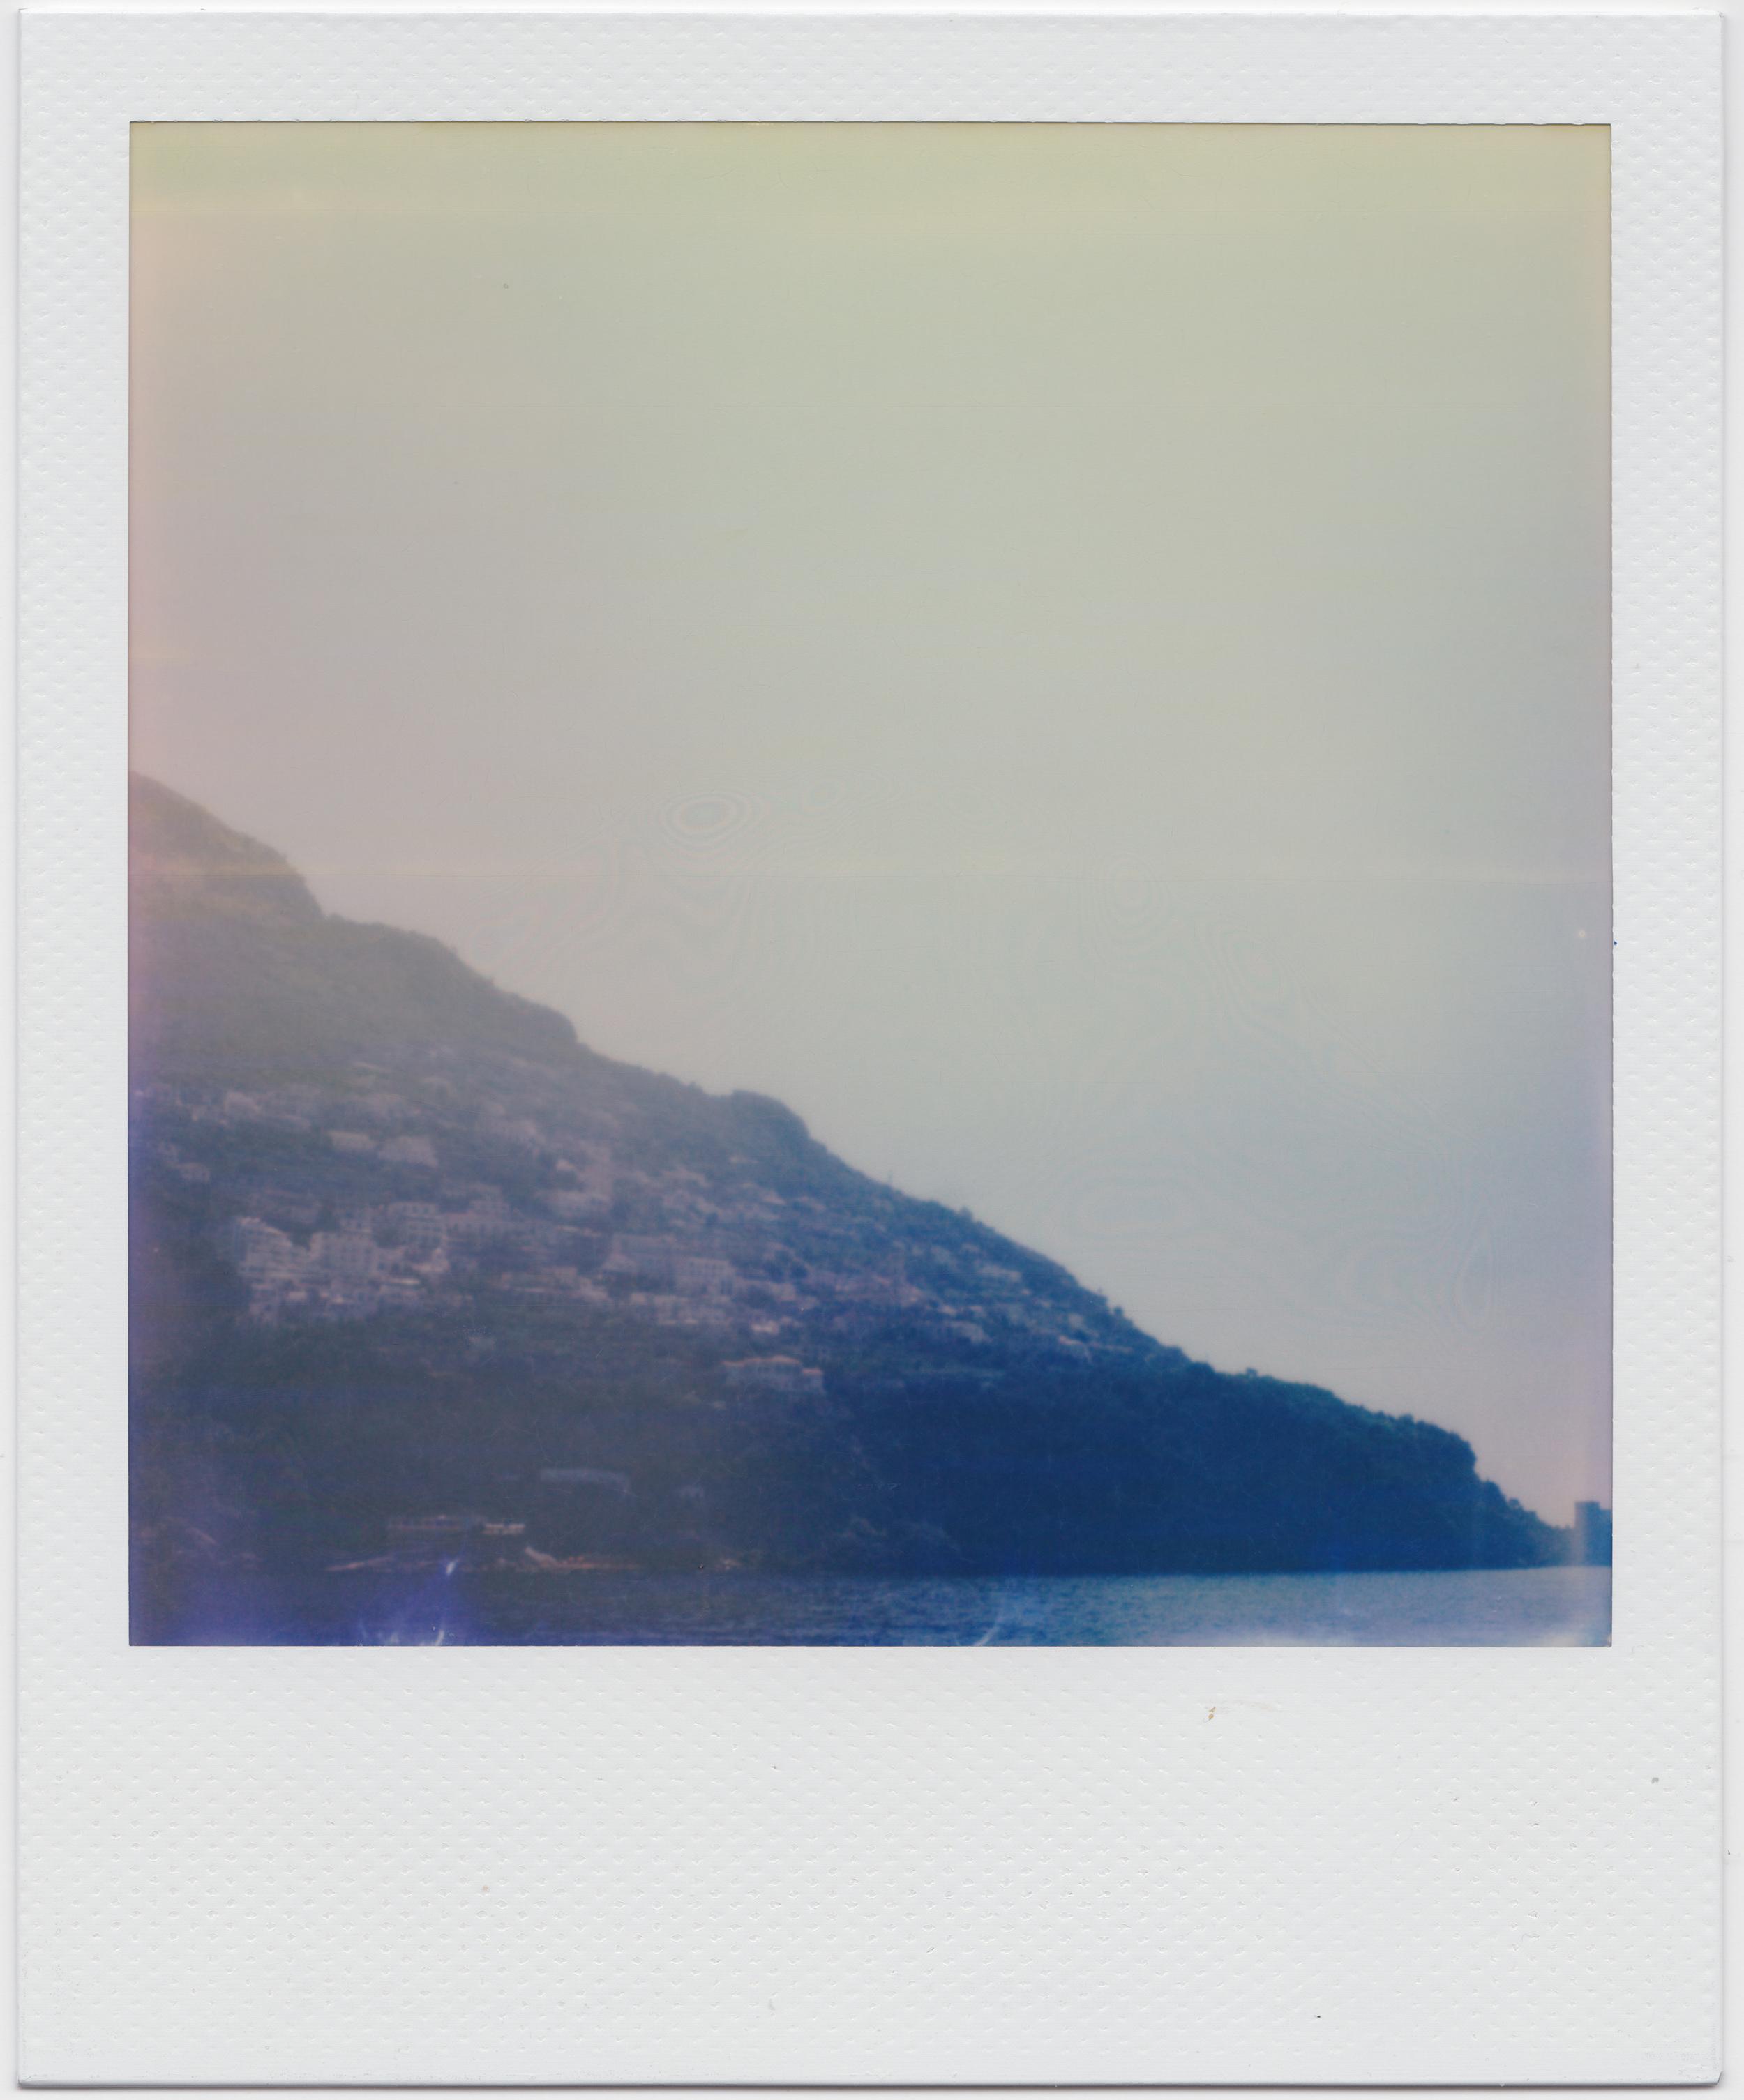 praiano-0034.jpg